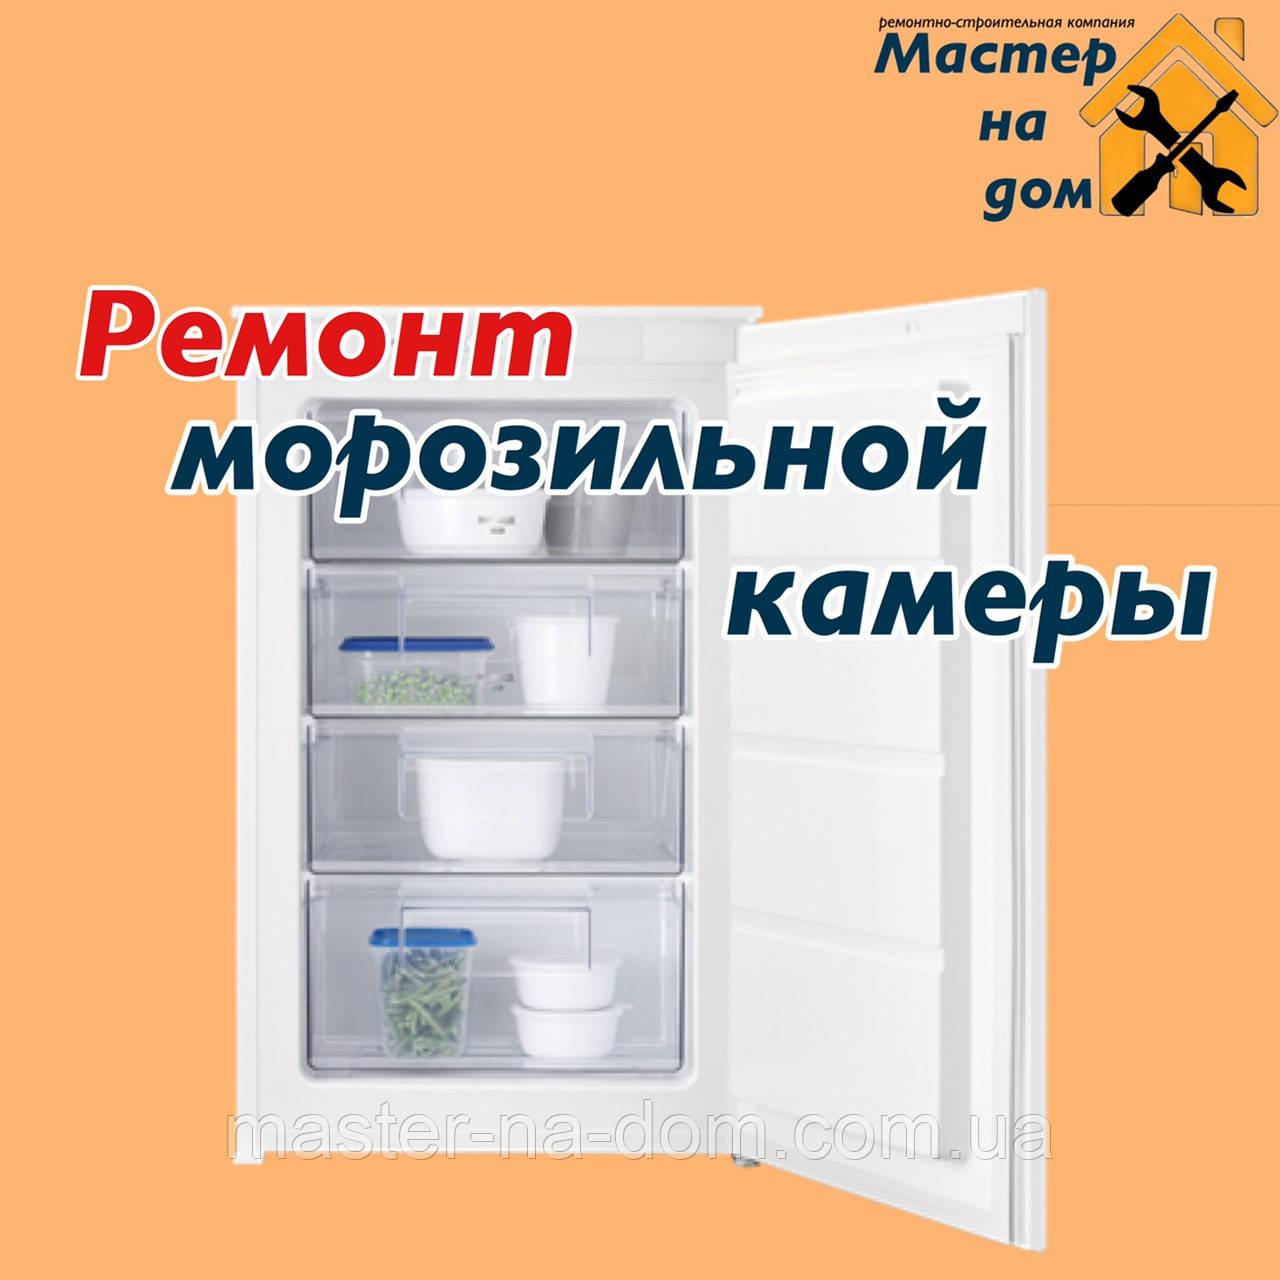 Ремонт морозильной камеры в Киеве